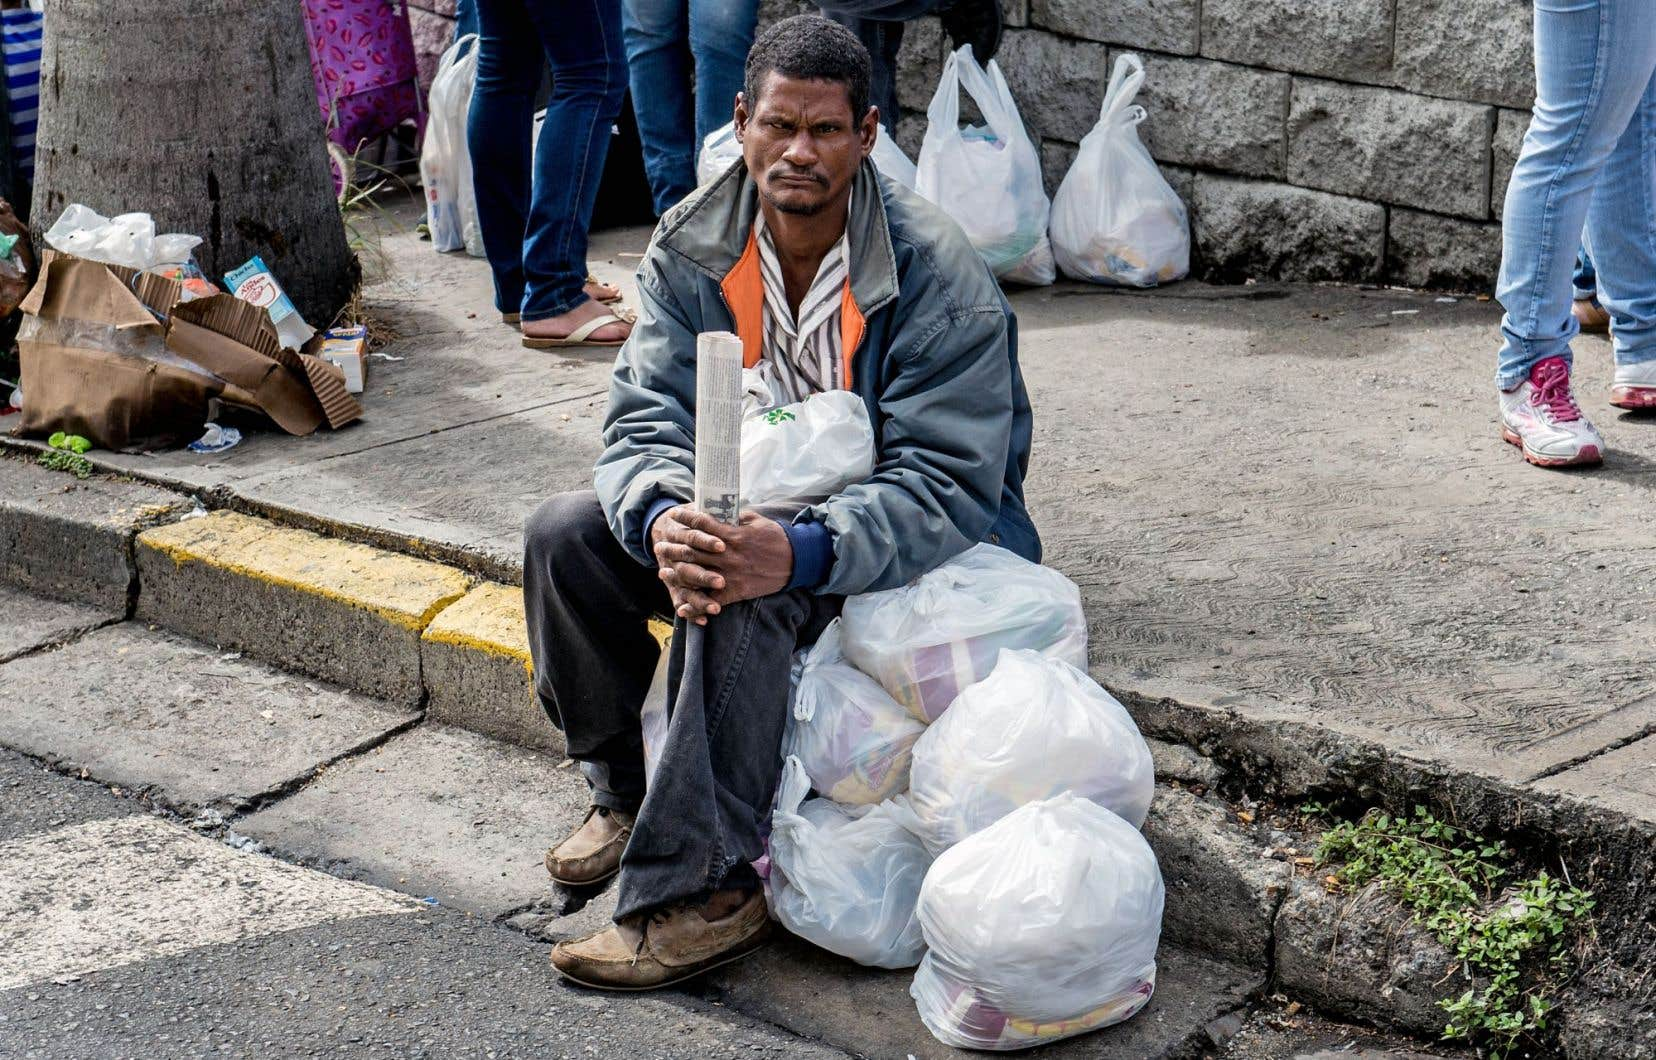 À Caracas, au Venezuela, un homme, imitant en cela ses concitoyens, a fait la file dans un supermarché afin de faire des provisions en espérant se prémunir contre l'inflation qui, en 2014, a atteint 64%.